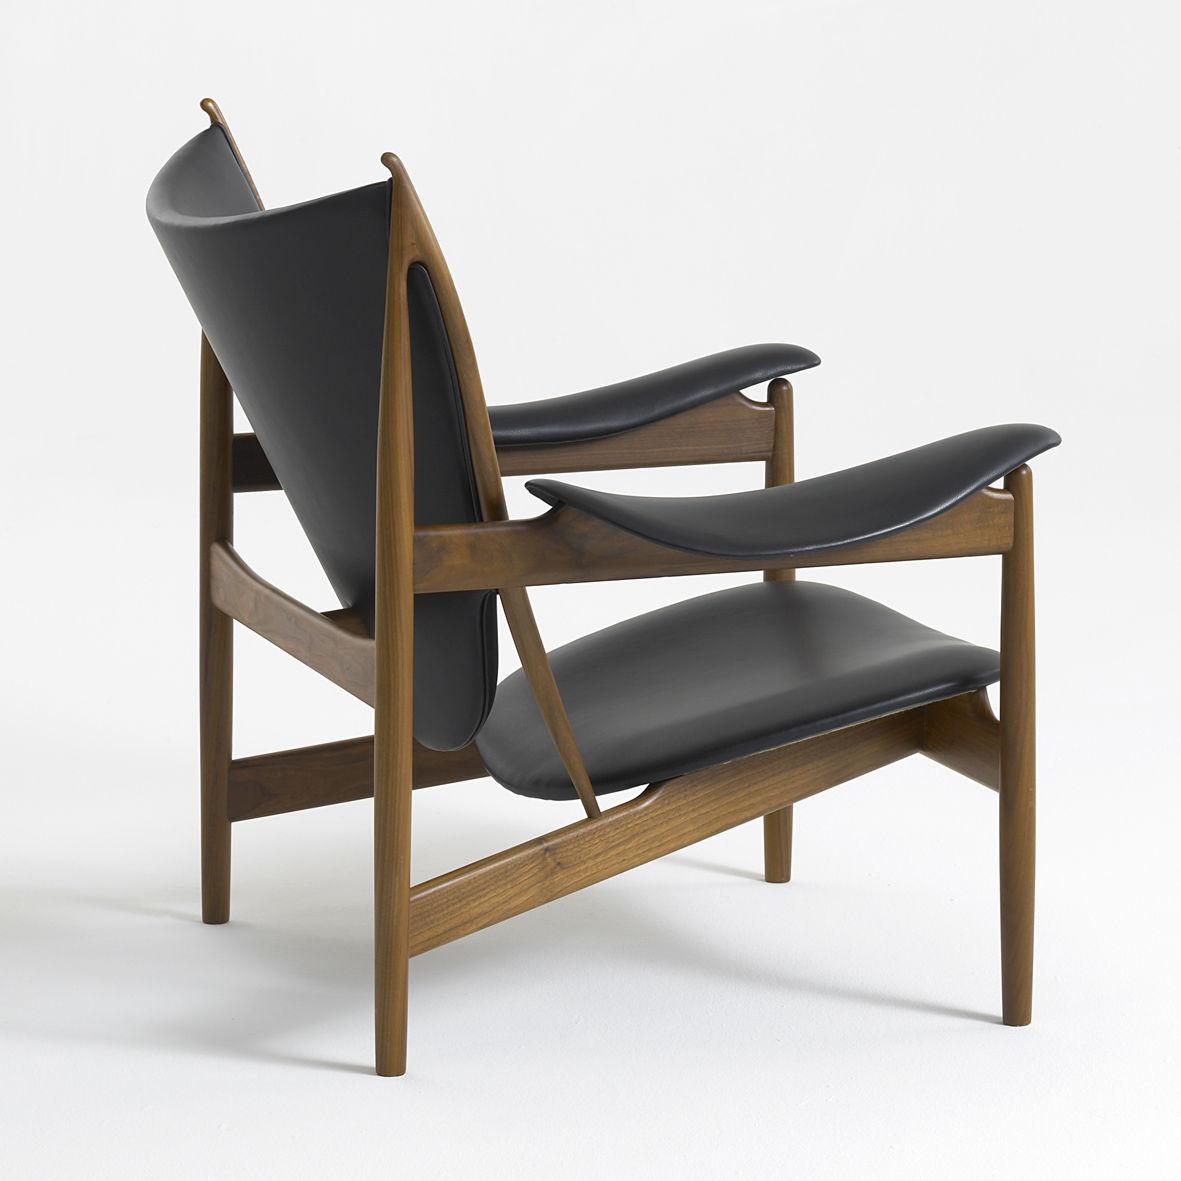 Fauteuil Design Scandinave En Teck En Noyer En Cuir - Fauteuil design scandinave